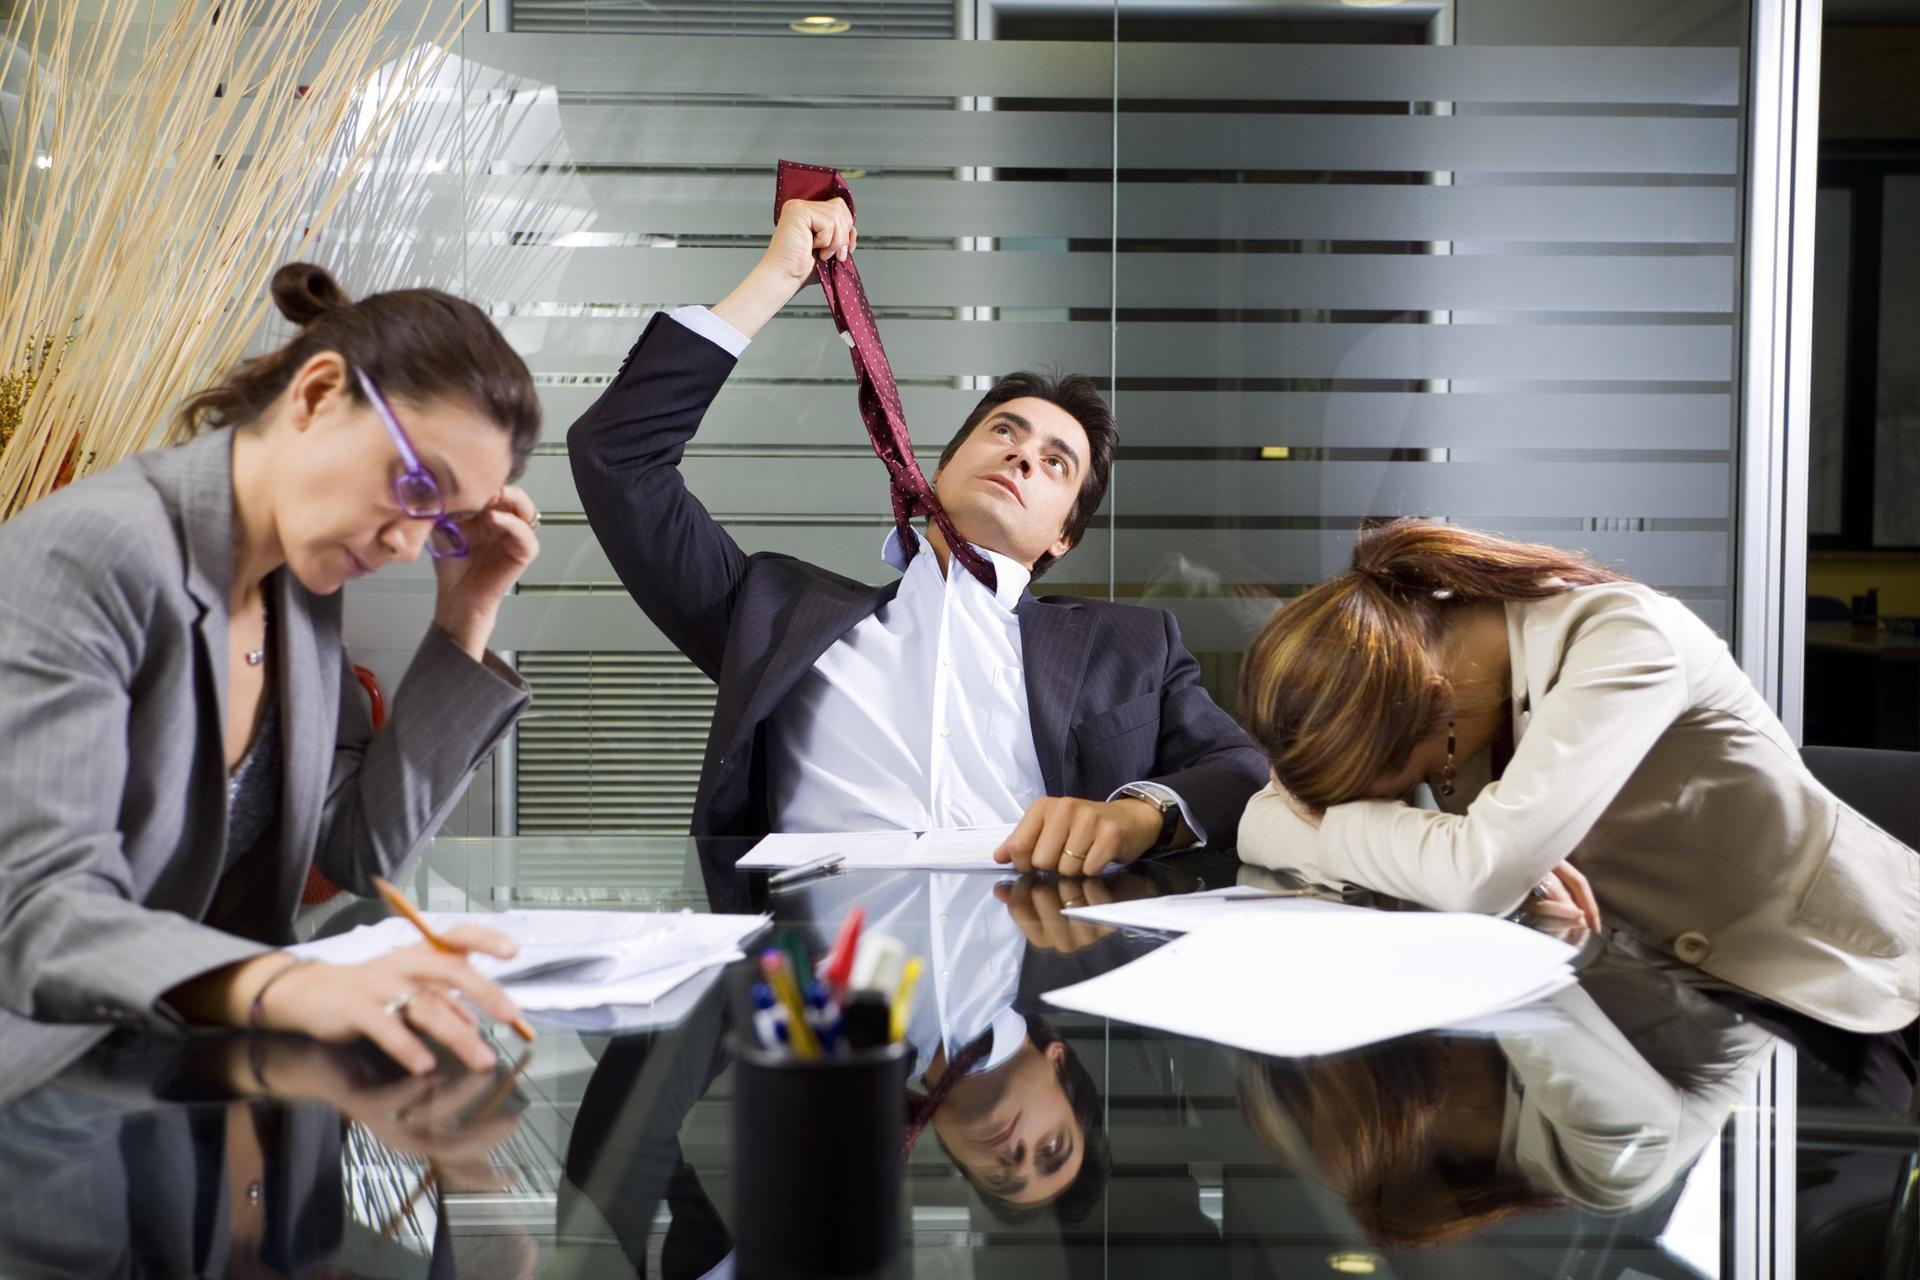 Как заставить бухгалтера работать дефектоскопист должностные обязанности